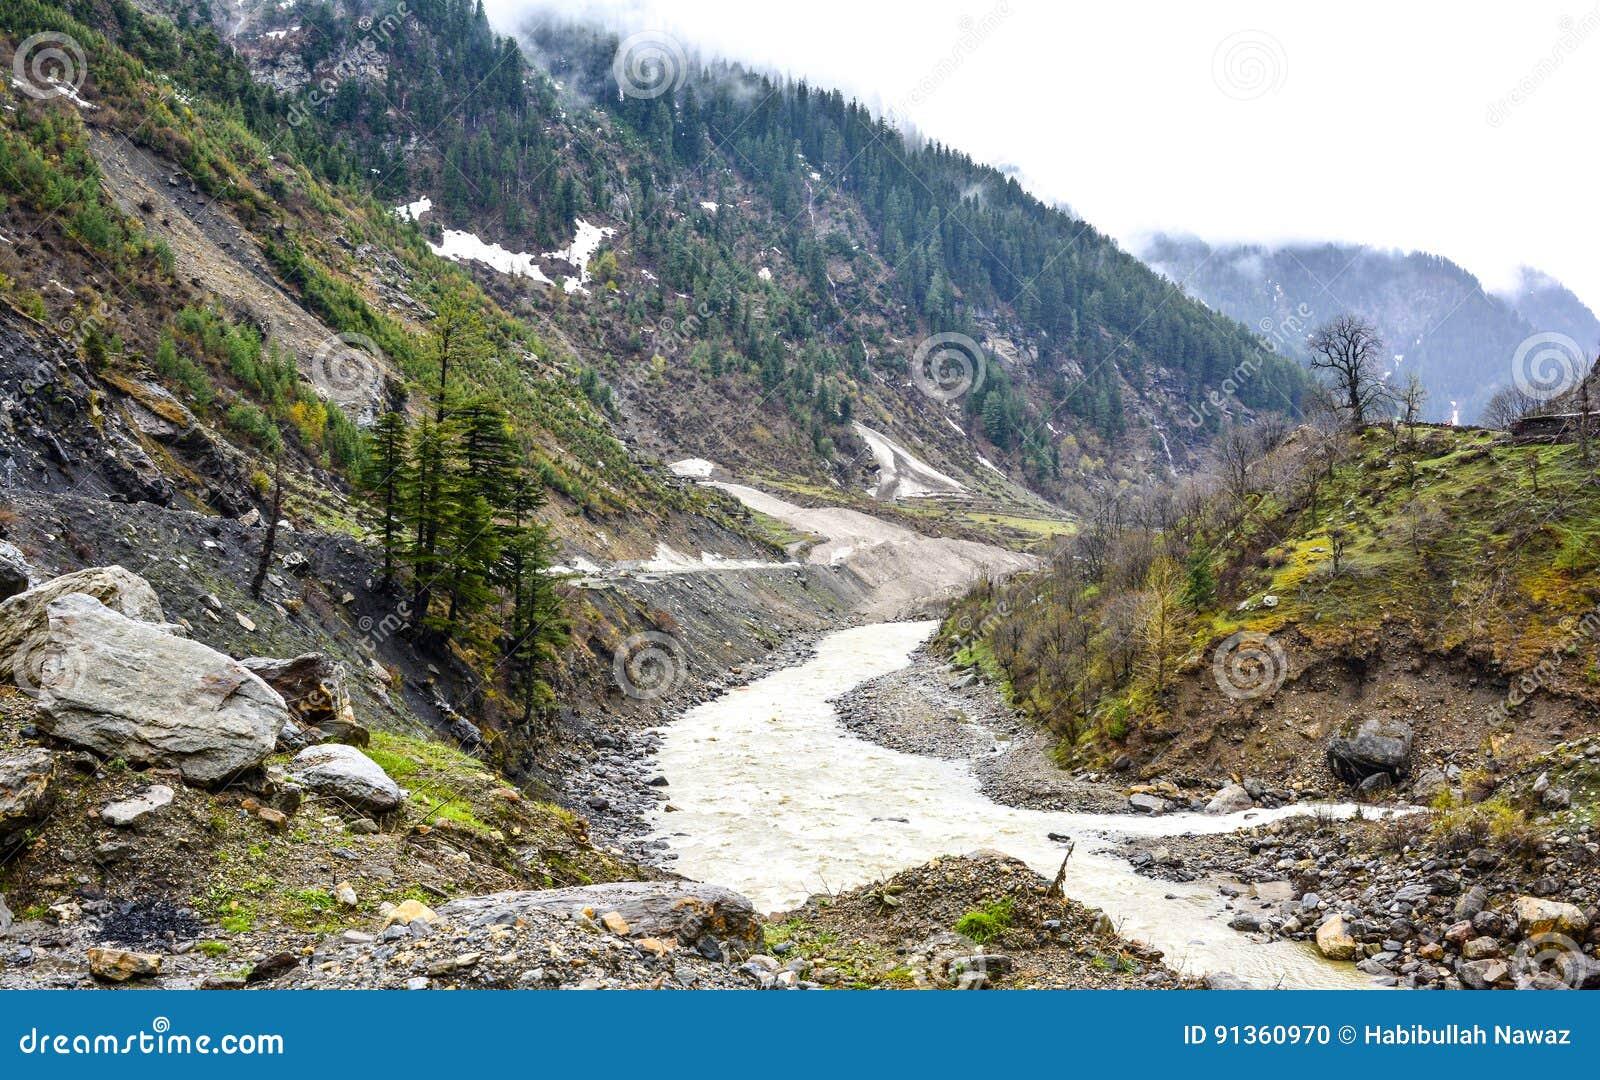 Φυσική άποψη του ποταμού & των βουνών Kunhar στην κοιλάδα Naran Kaghan, Πακιστάν